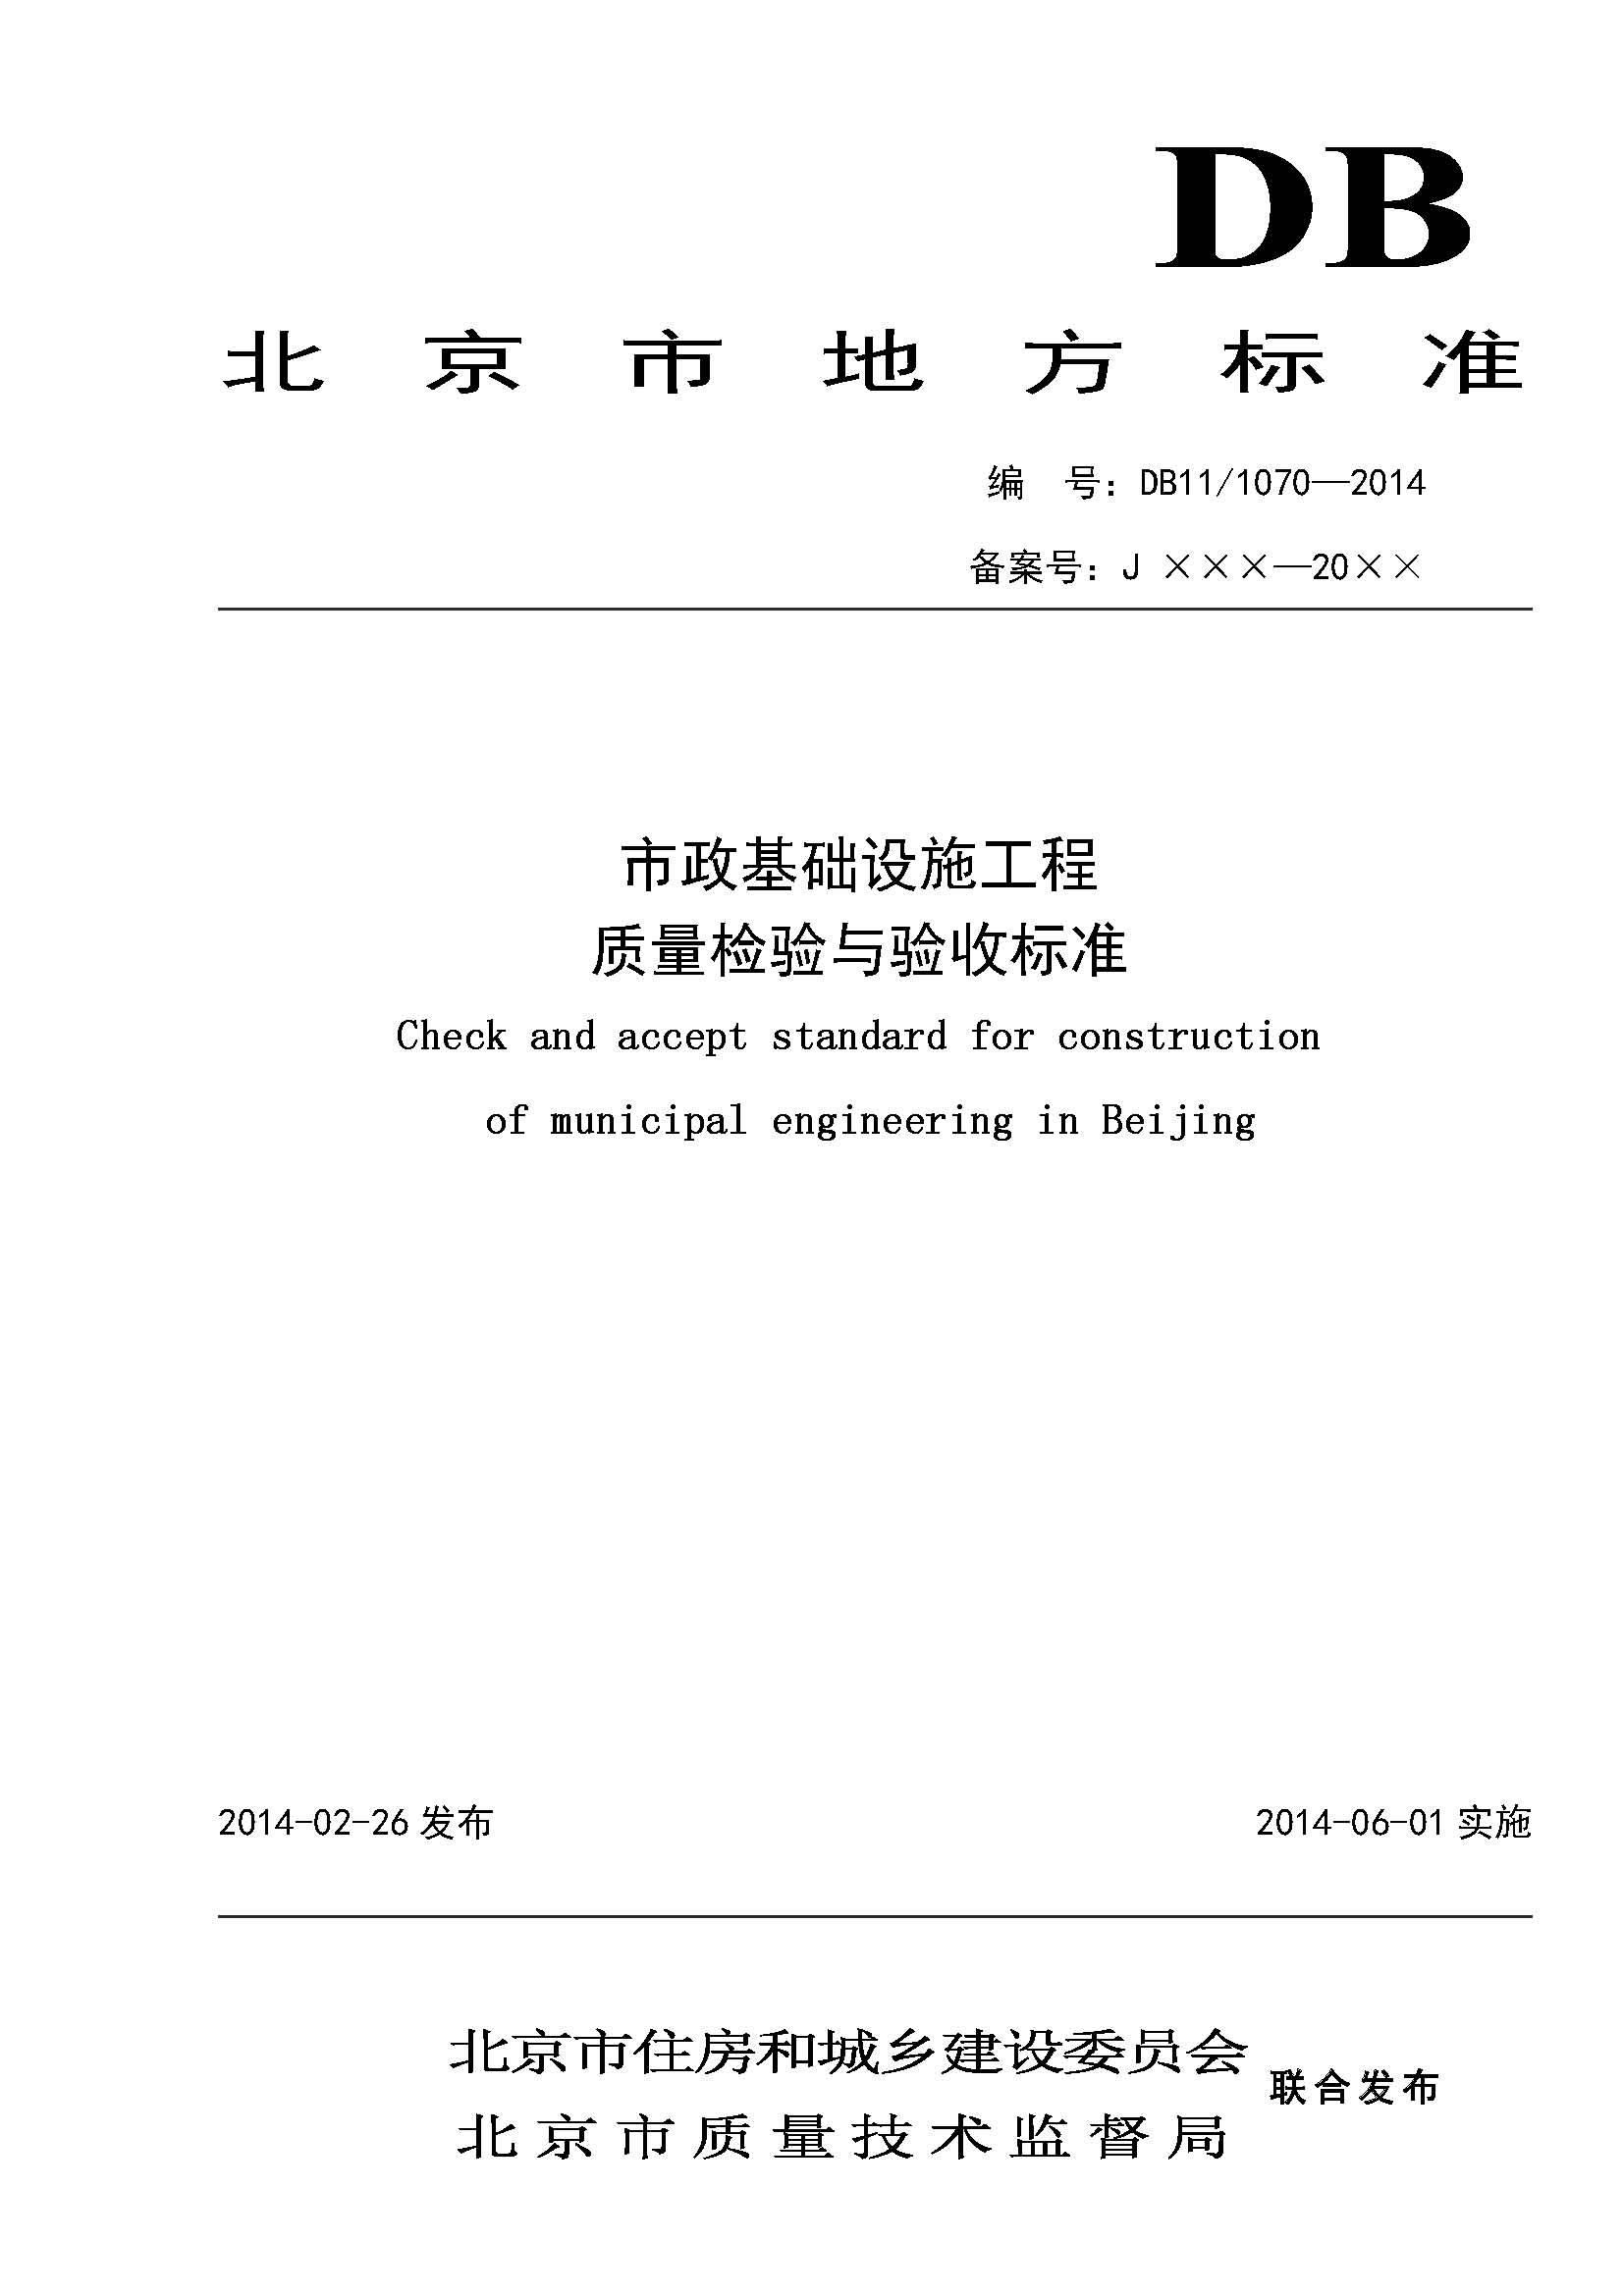 DB11/1070-2014市政基础设施工程质量检验与验收标准